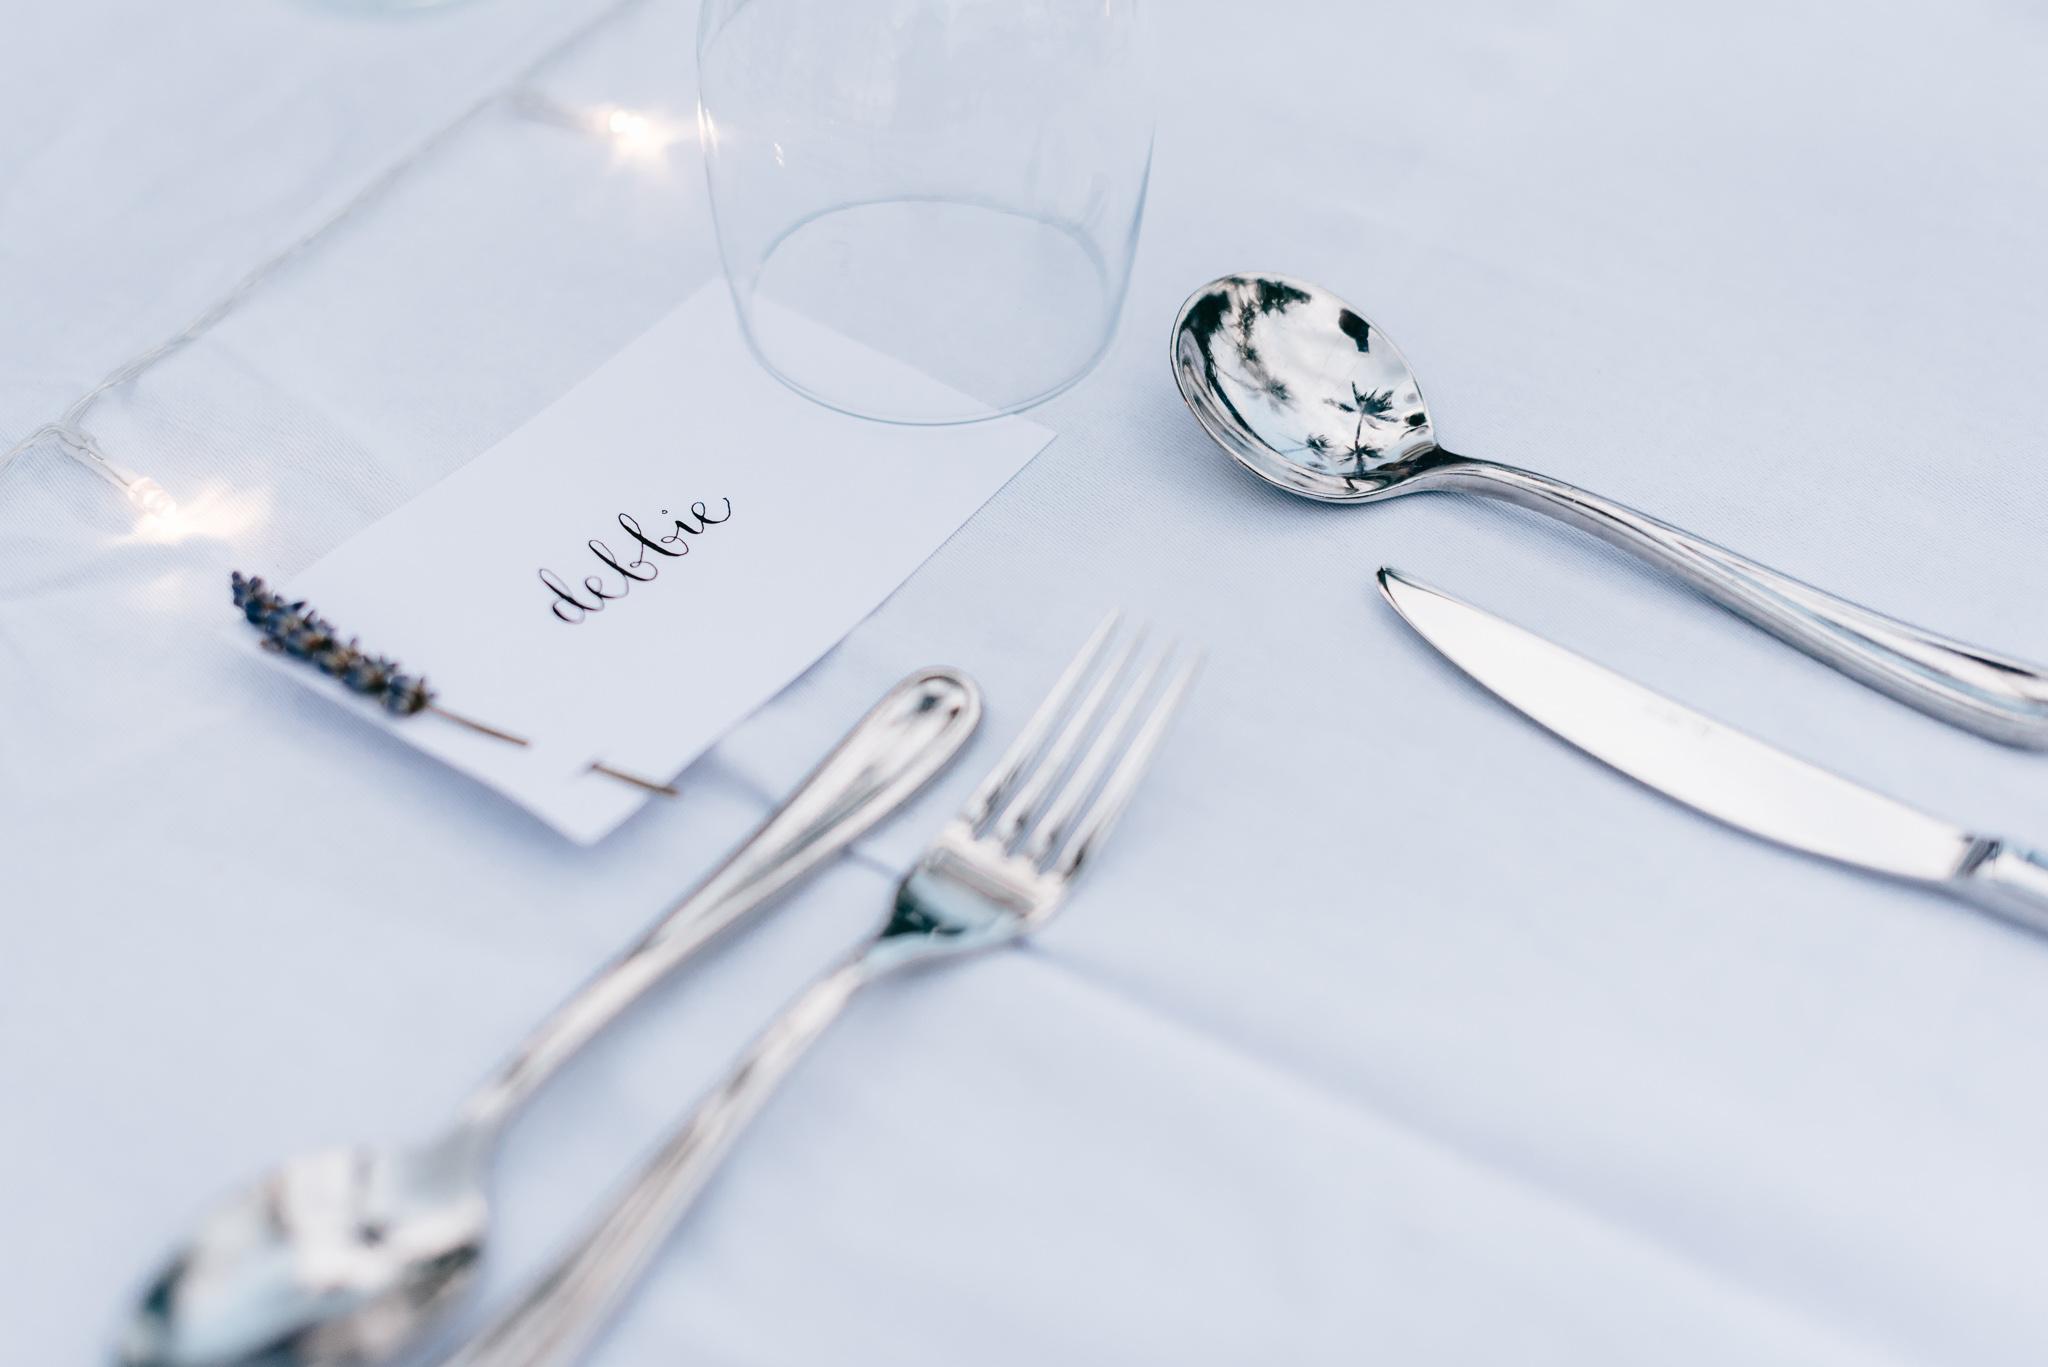 Lionel & Karen Wedding Day Highlights (resized for sharing) - 131.jpg